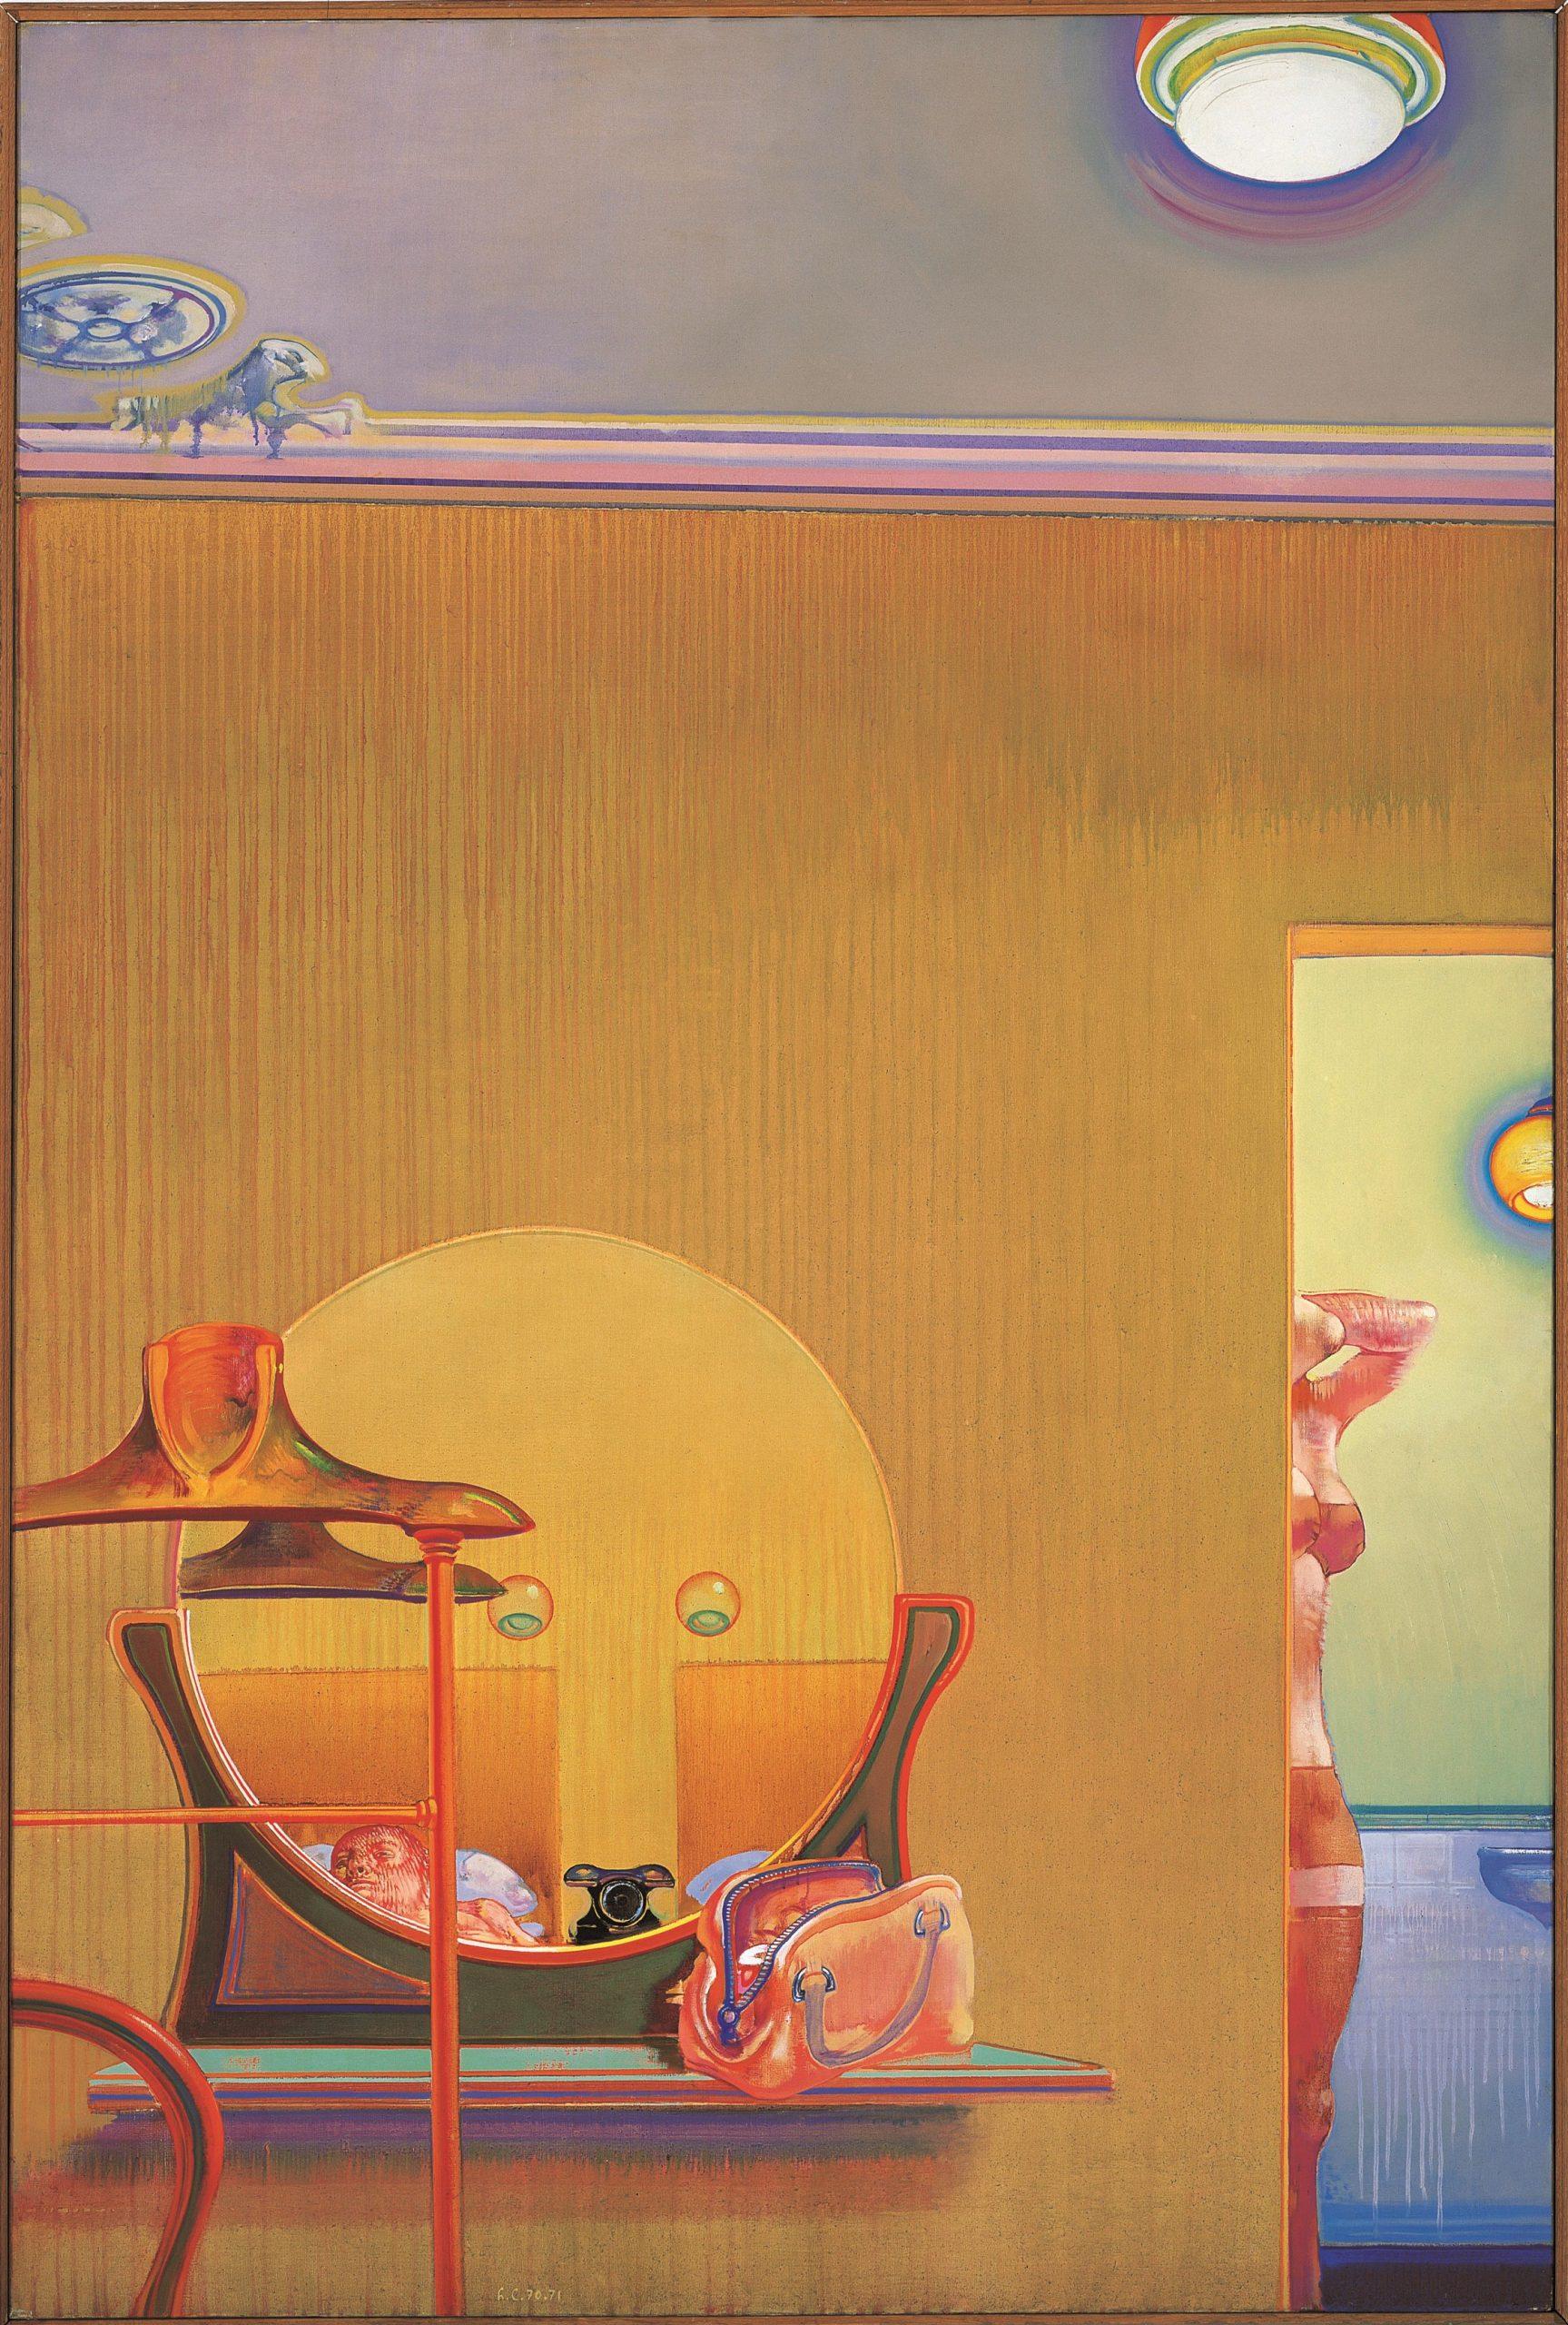 Leonardo Cremonini, Le indiscrezioni di una stanza, 1970-1971, Collezione privata, Parigi-Bologna